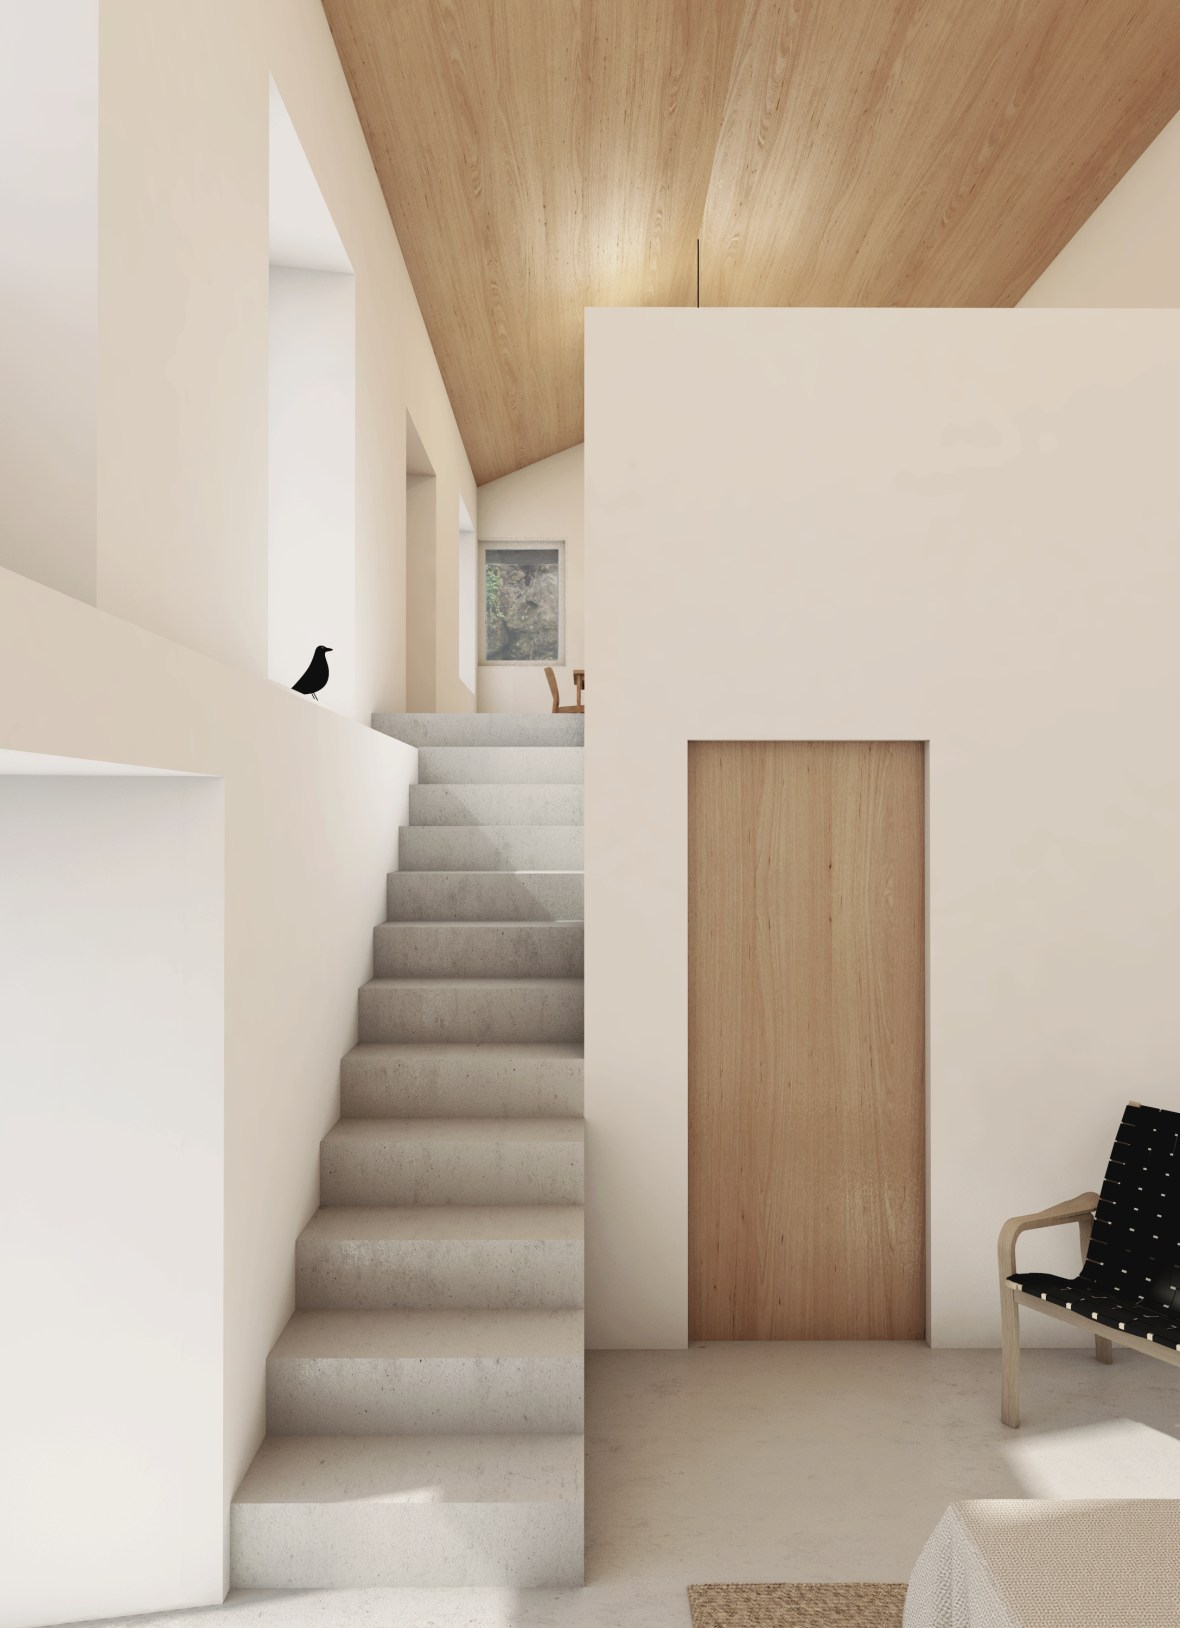 Interior of Casa das Figueiras